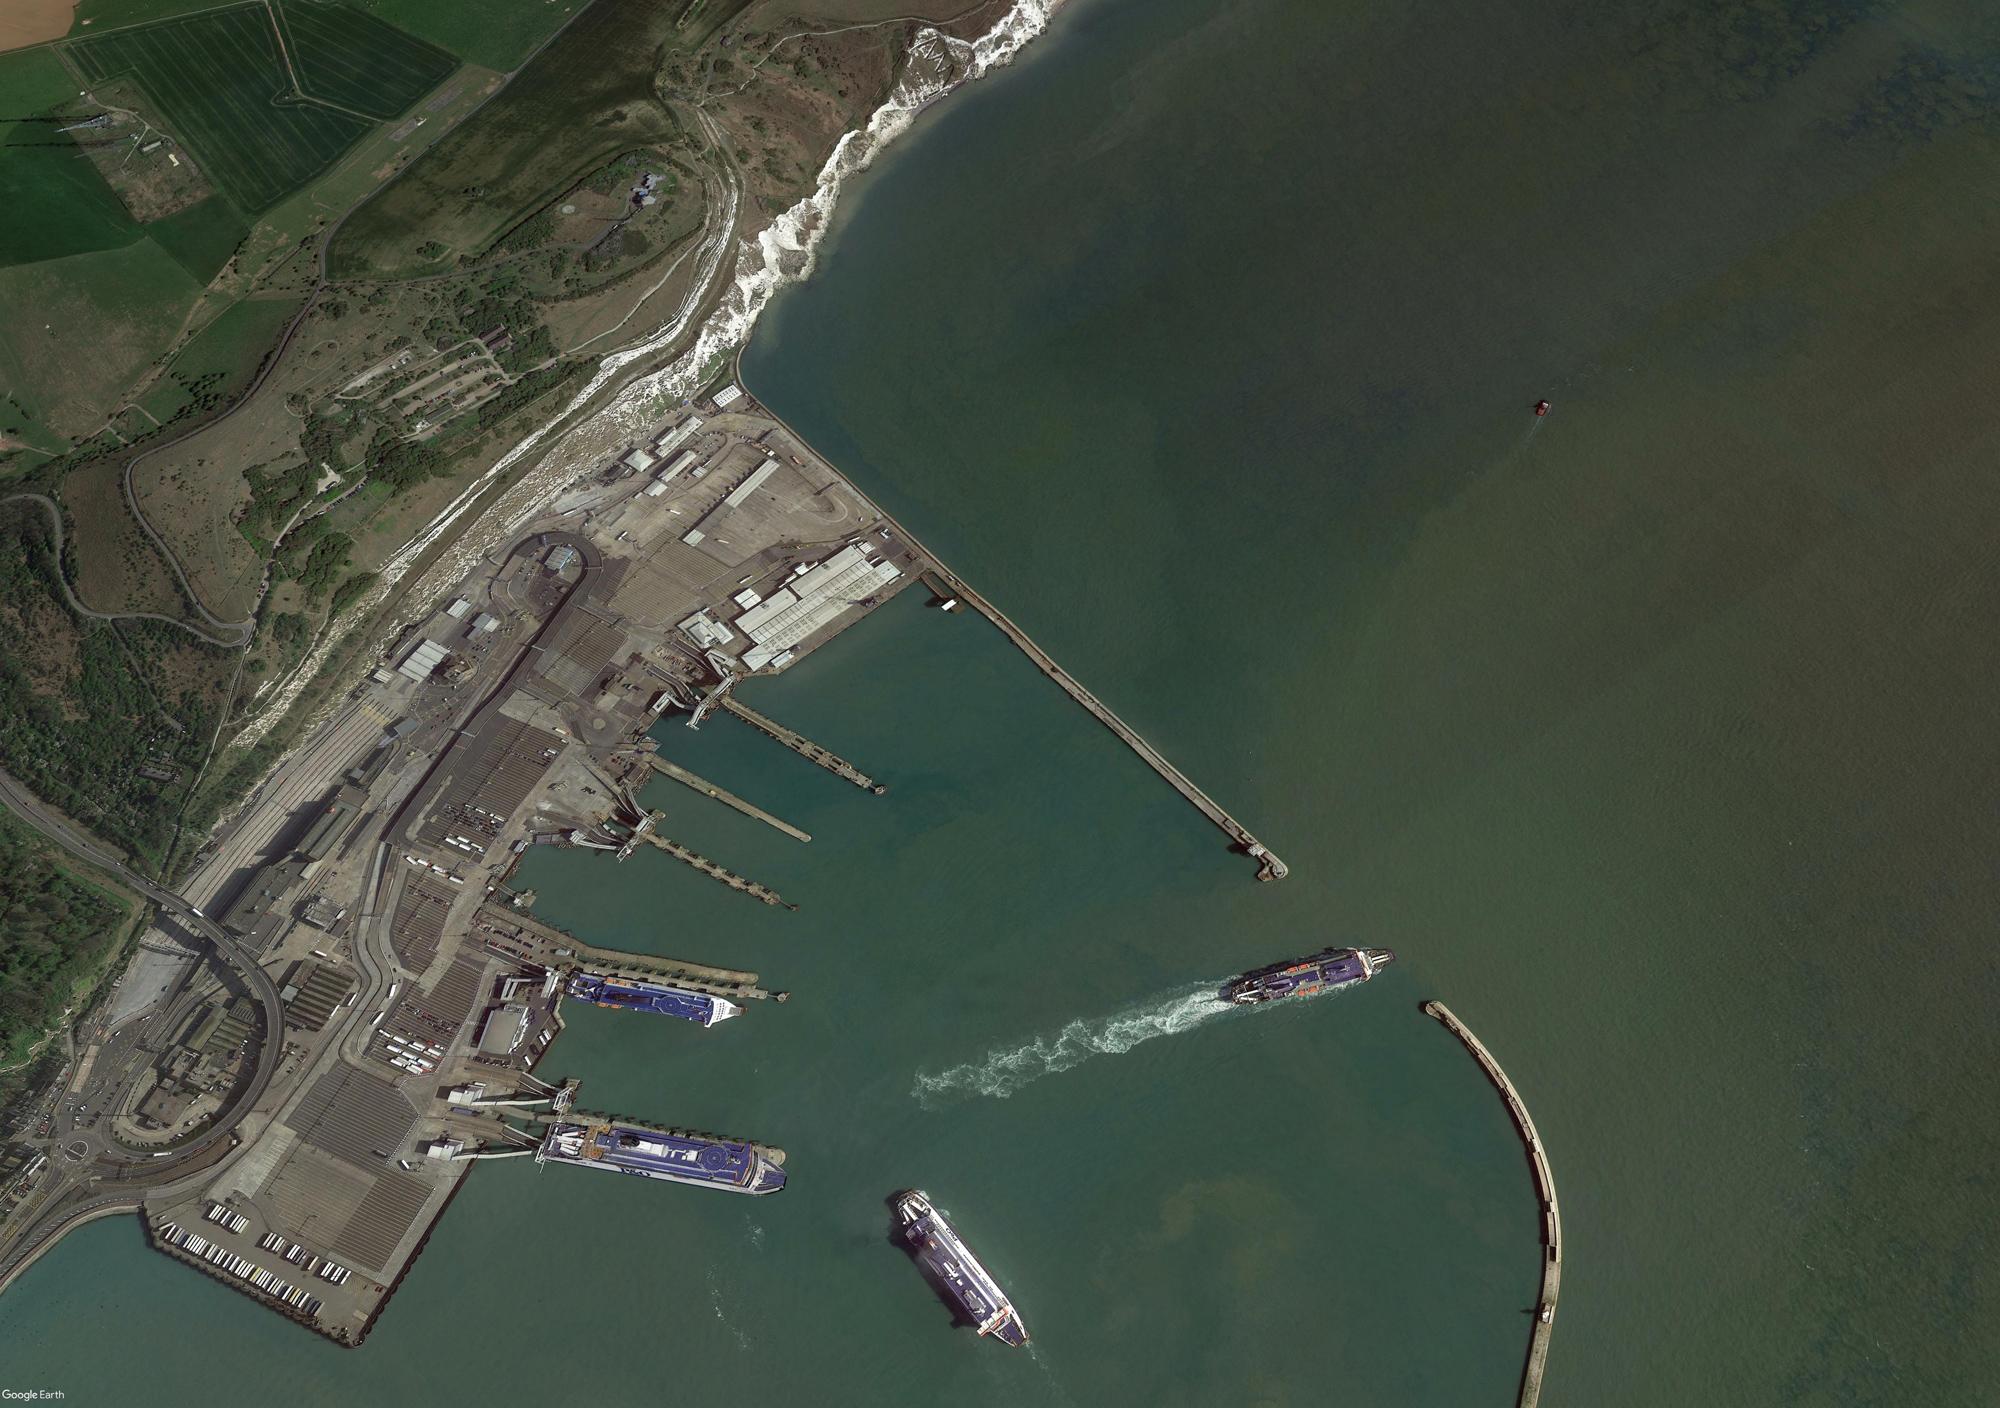 Dover am Ärmelkanal - Hafen und Küstenwachenstation (Google Earth)